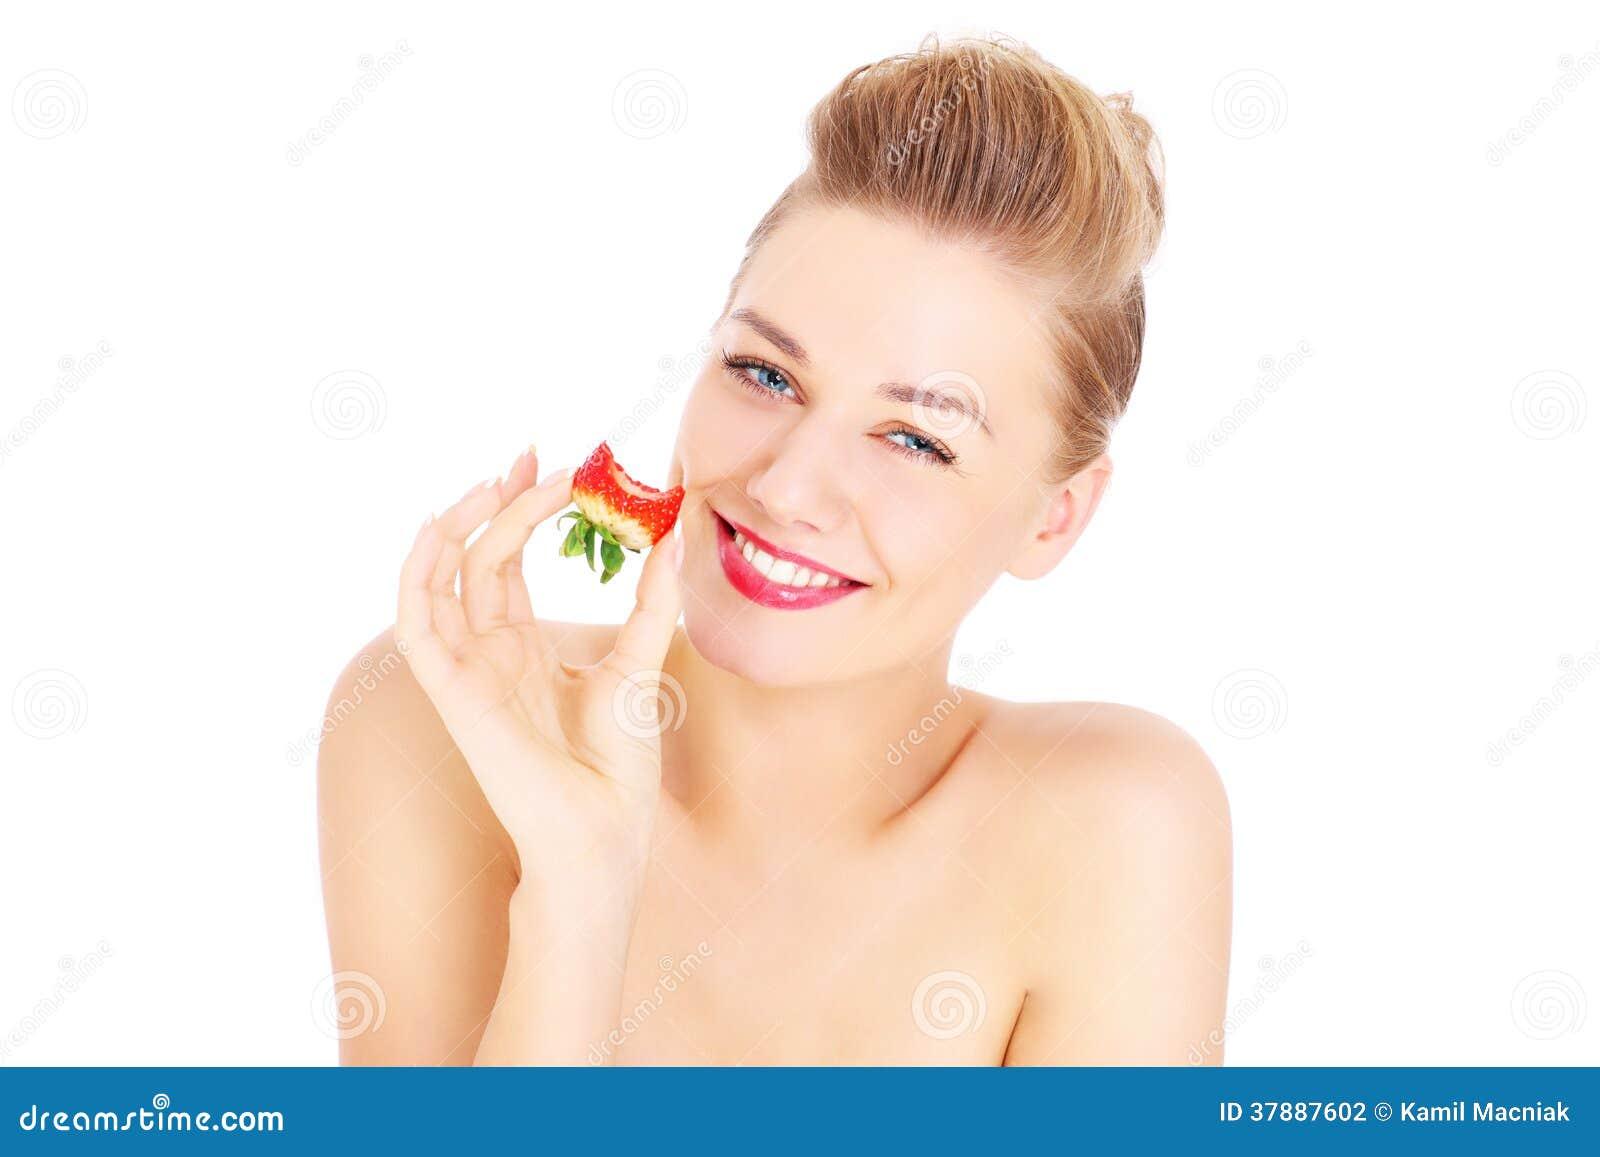 Aardbeibeet en vrouw